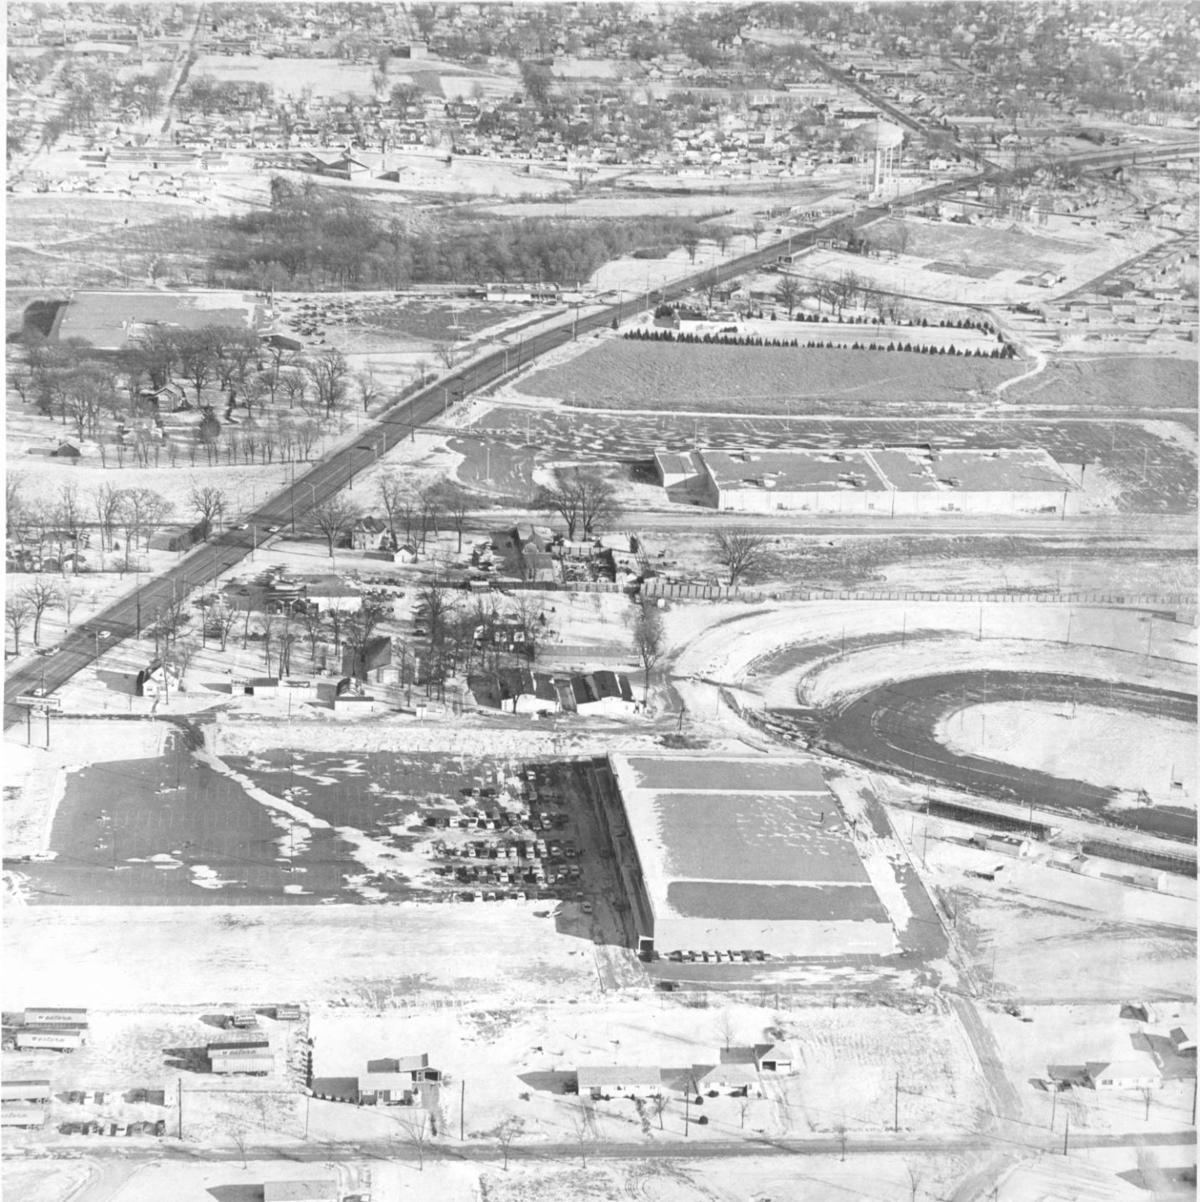 Highway 218/Tunis Speedway